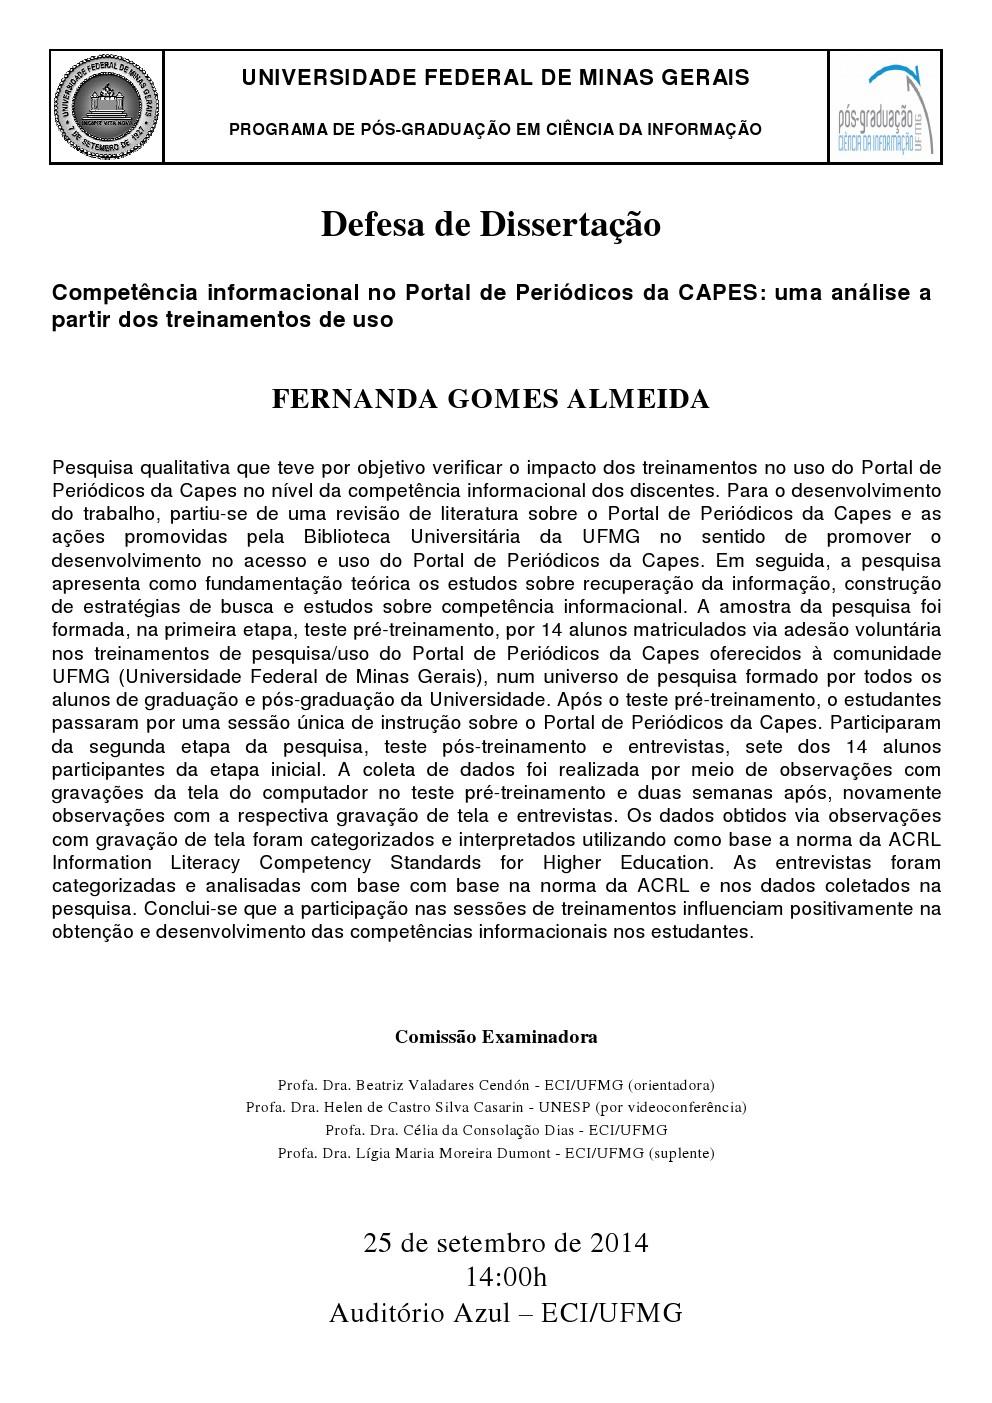 Defesa de Dissertação Fernanda Gomes Almeida